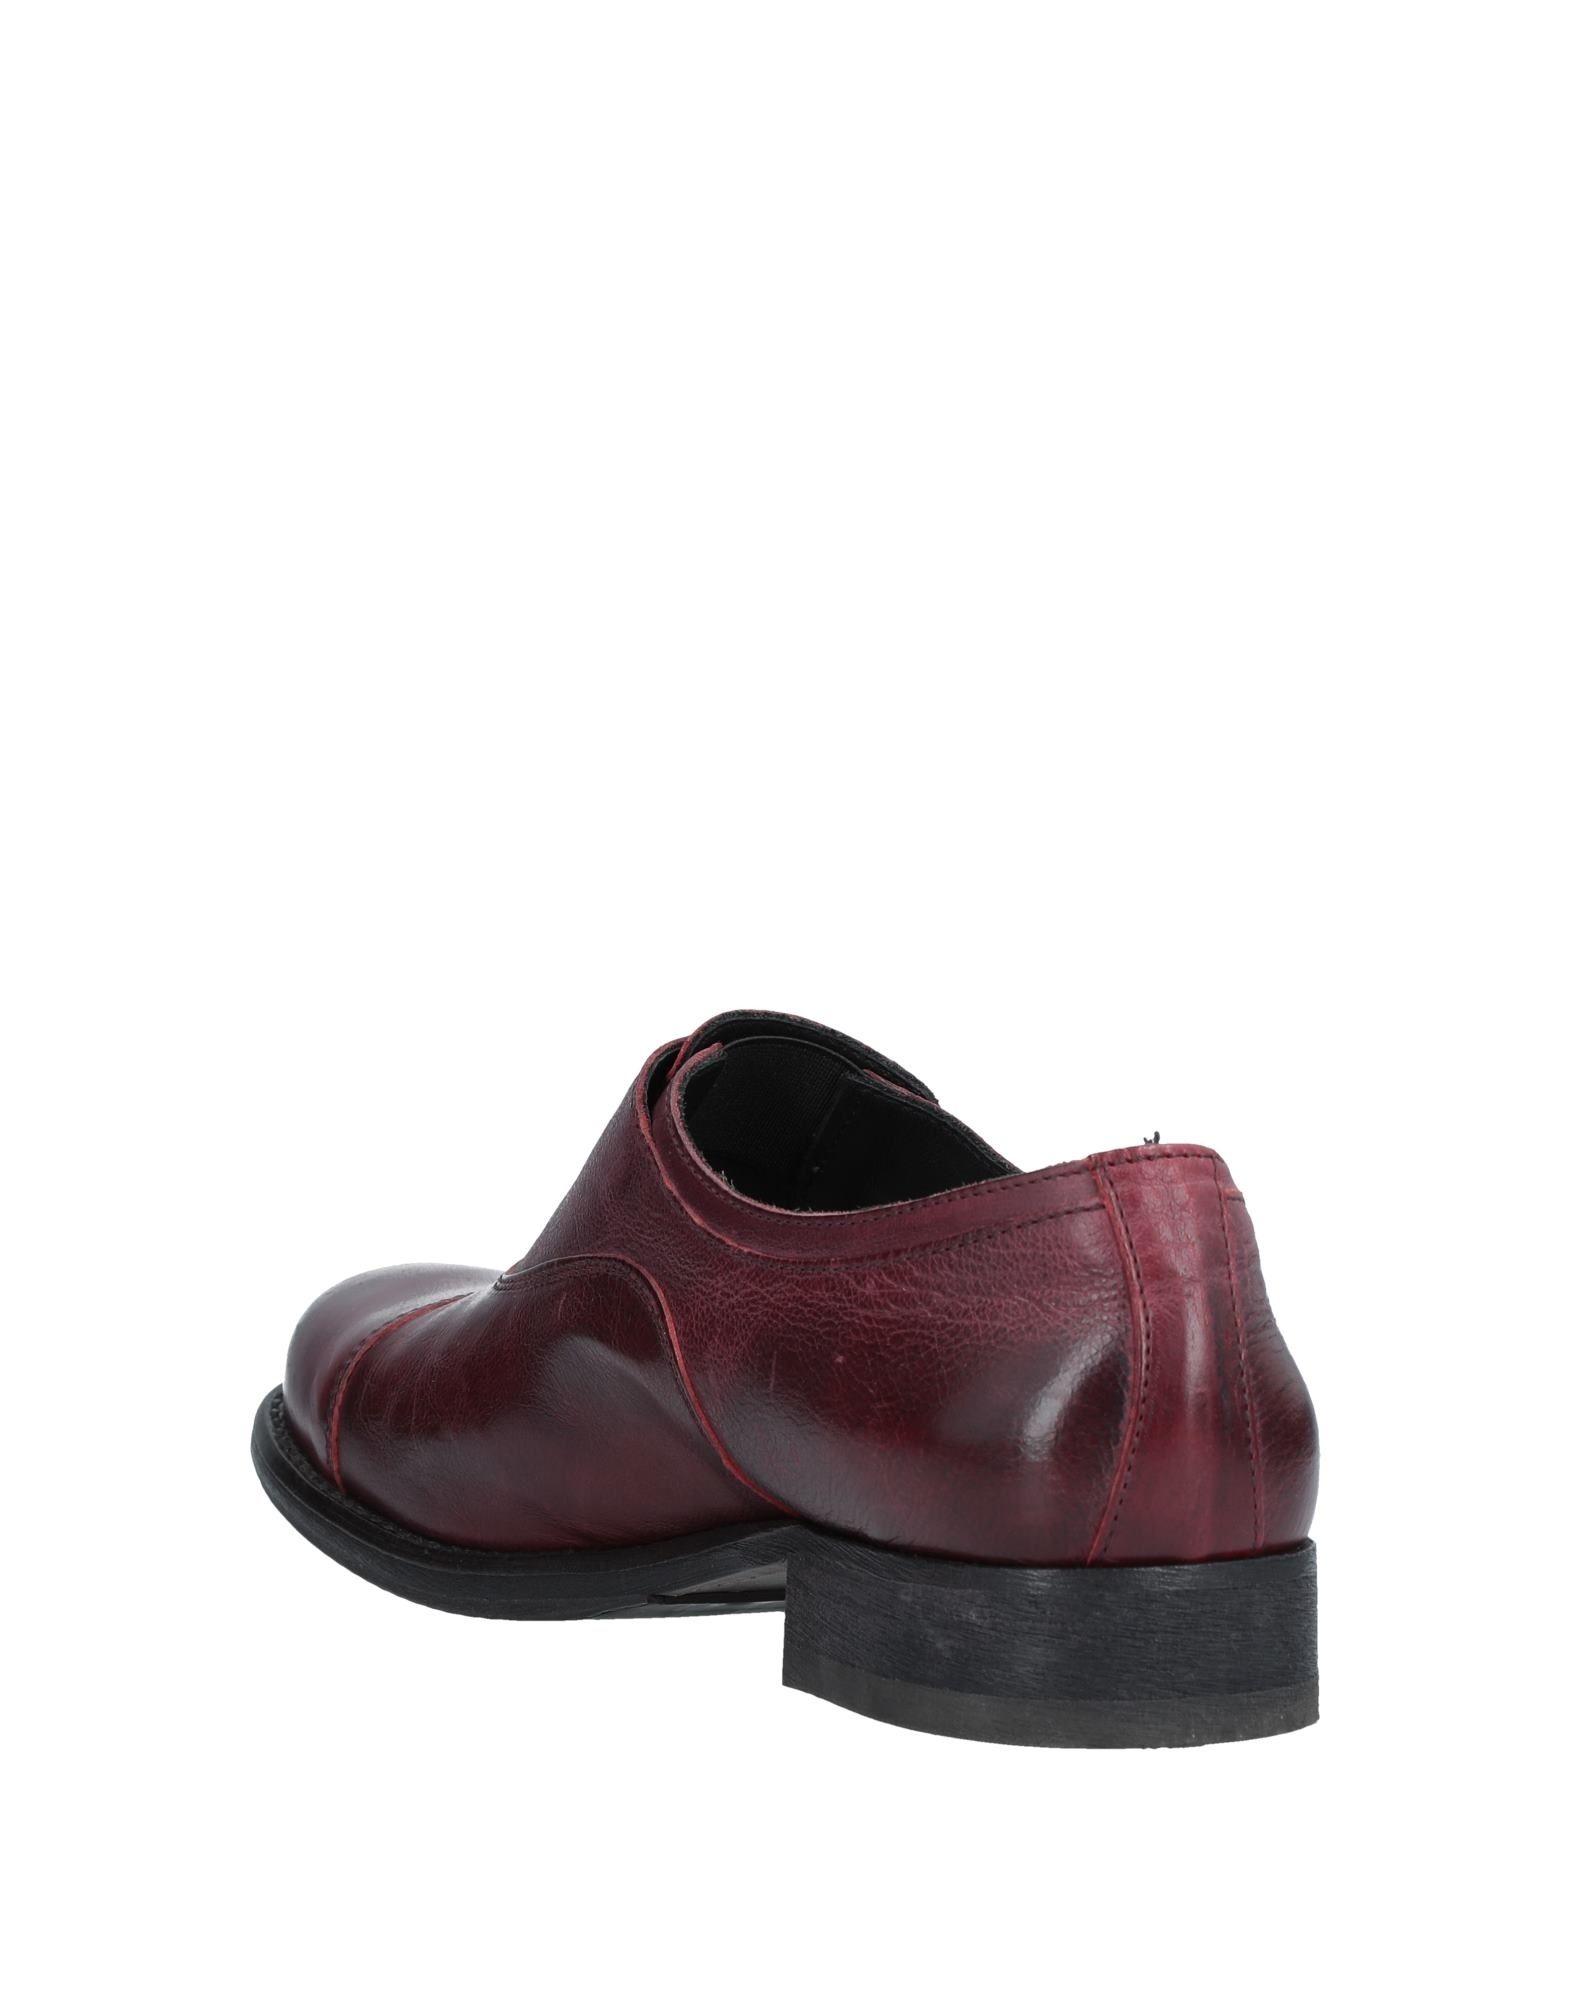 11538933DL Seboy's Schnürschuhe Damen  11538933DL  Heiße Schuhe 750fe8